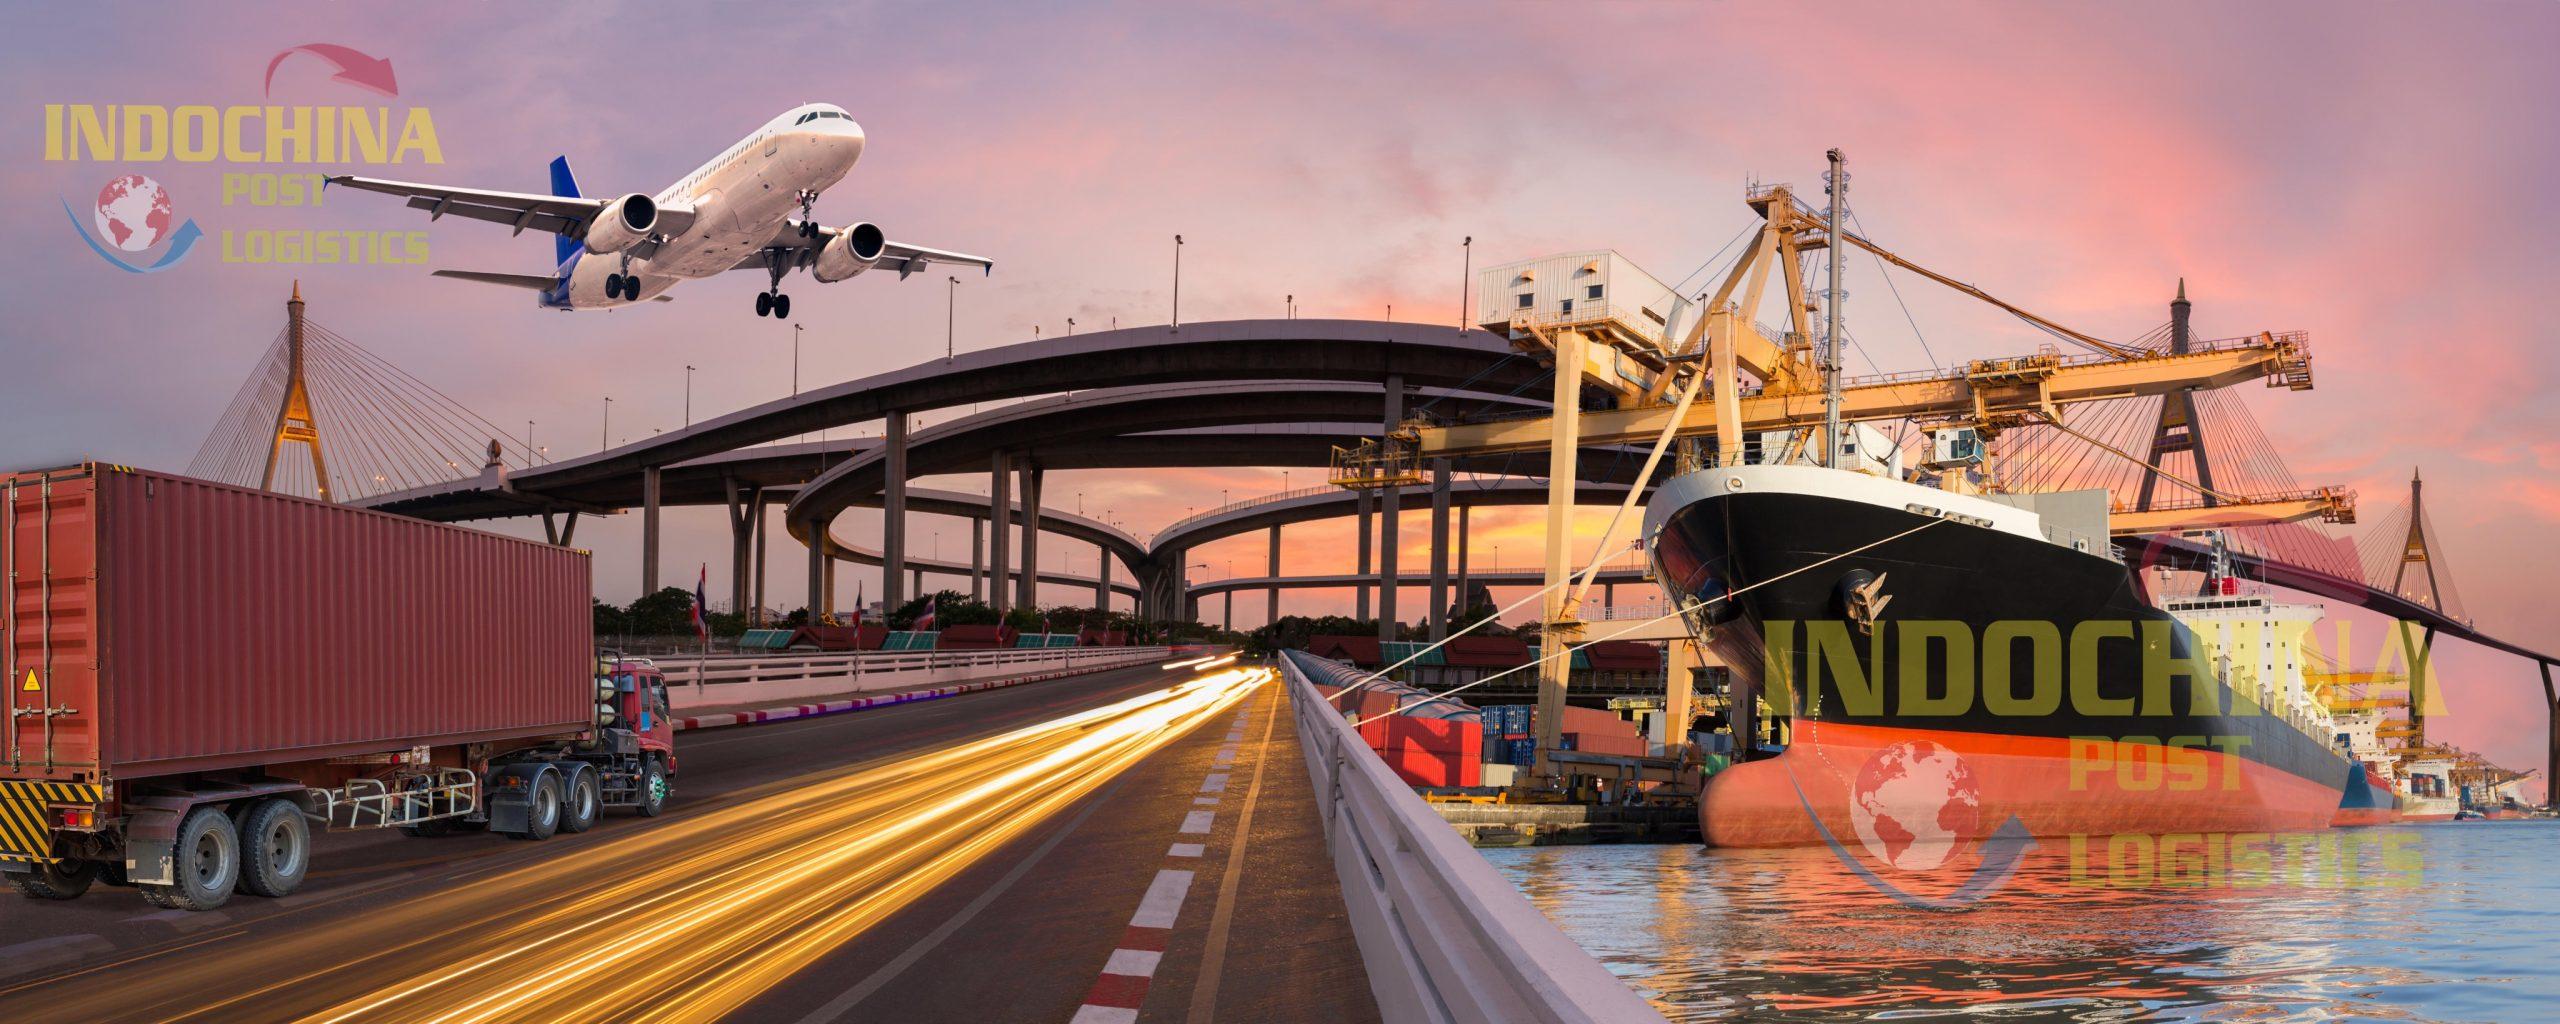 Indochinapost - Dịch vụ chuyển phát nhanh uy tín tại Bình Dương